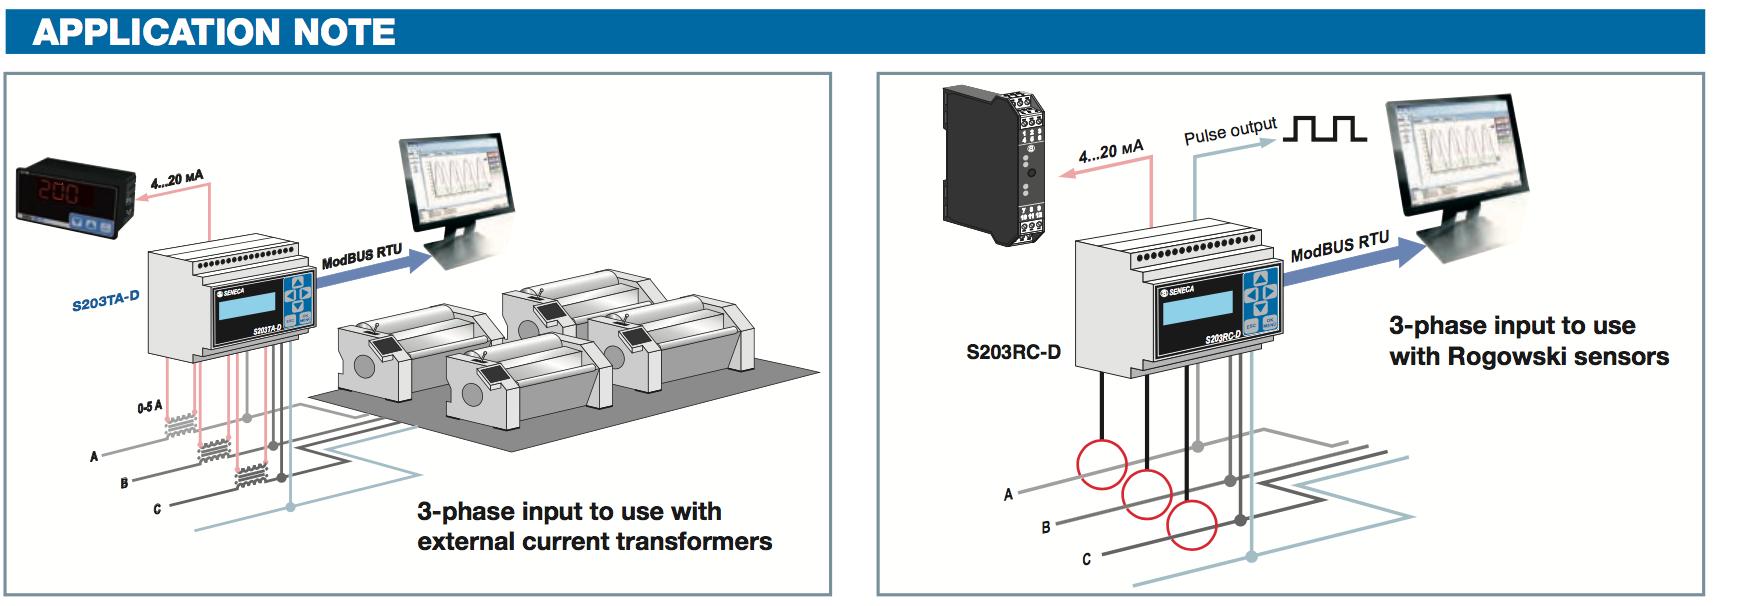 Ứng dụng Bộ đo công suất S203TA-D